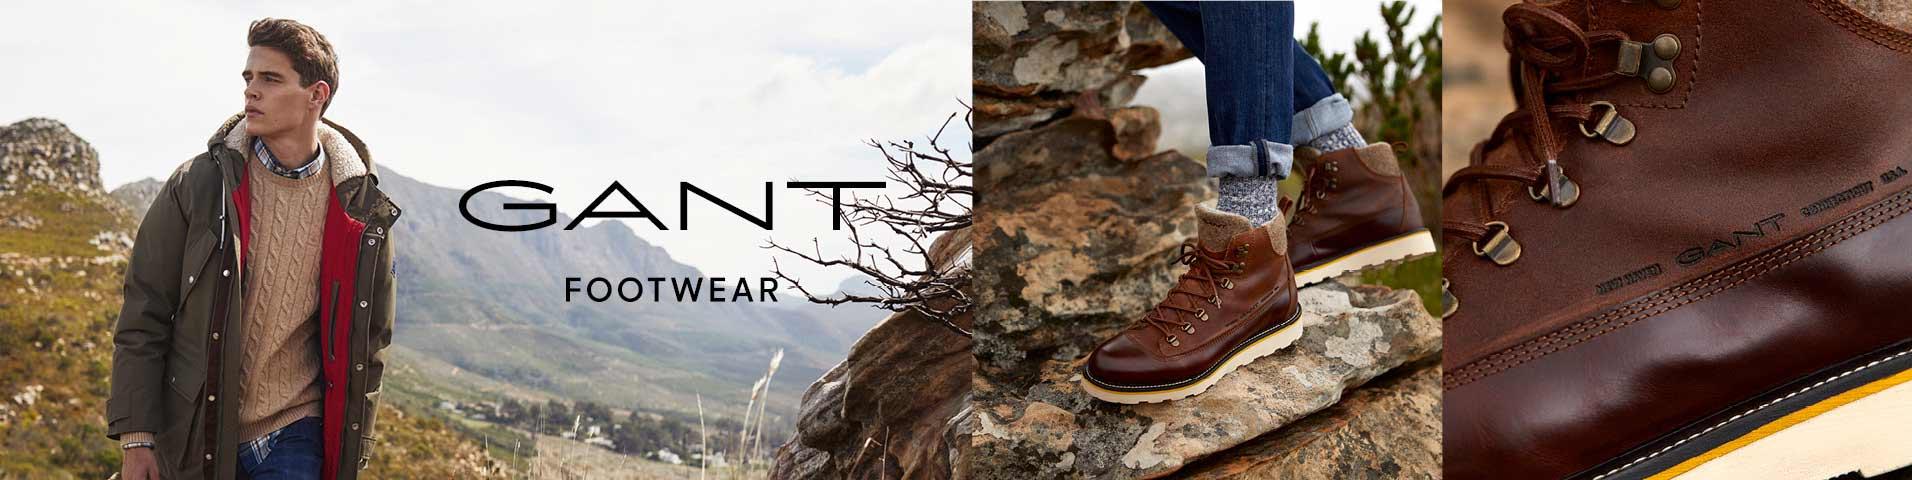 Udendørssko Herrer  De nyeste kollektioner online hos    GANT Sneakers   title=         Herrer   De nyeste kollektioner online hos